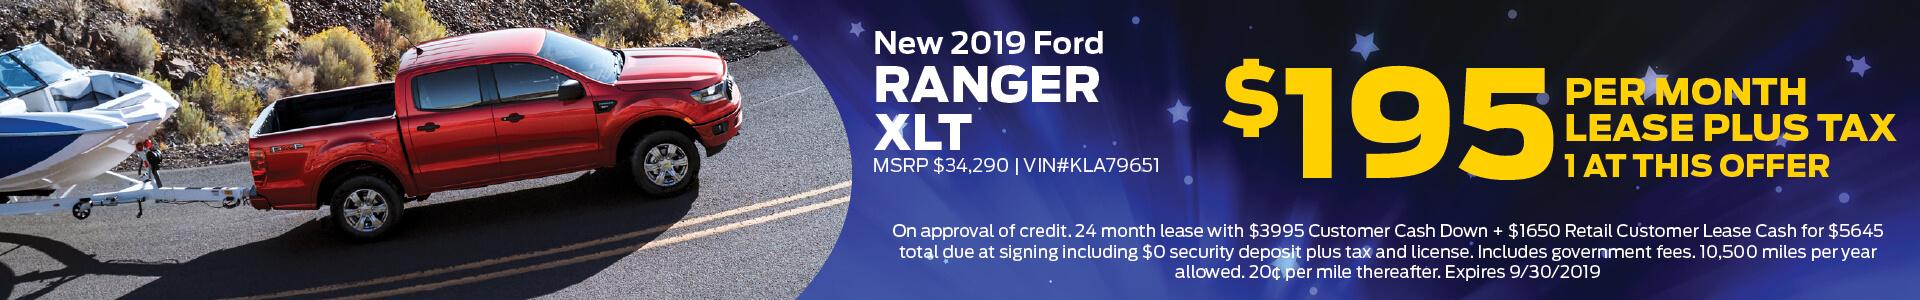 MJS - 2019 Ranger